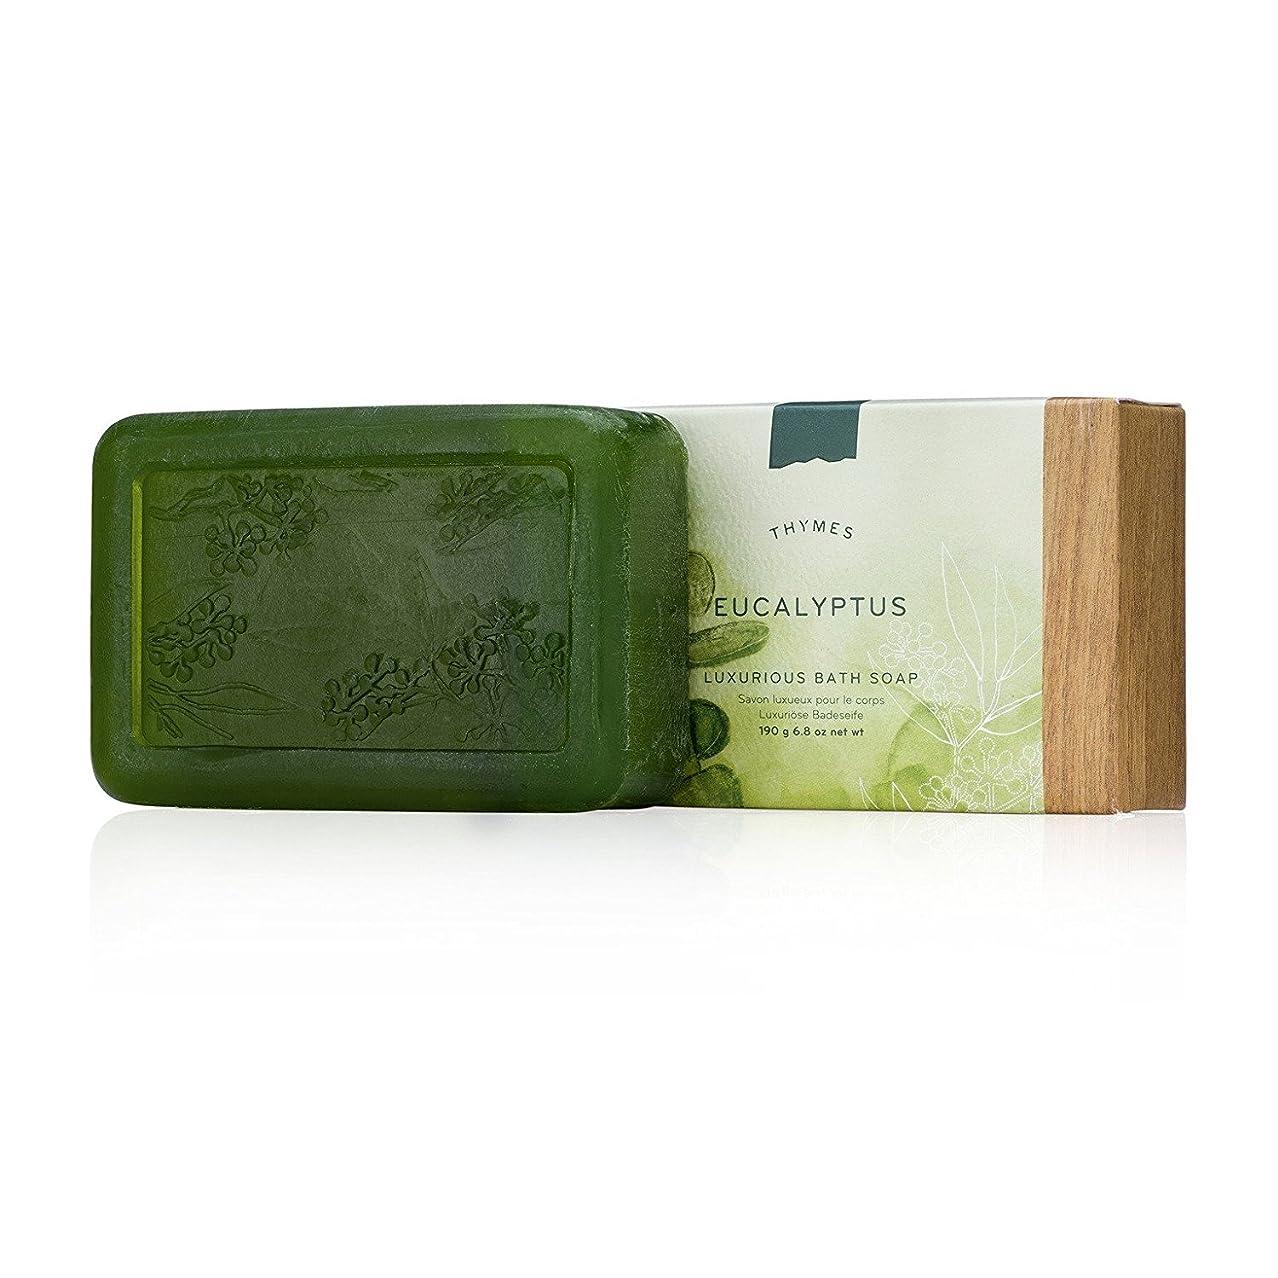 非アクティブ衛星検出器タイムズ Eucalyptus Luxurious Bath Soap 190g/6.8oz